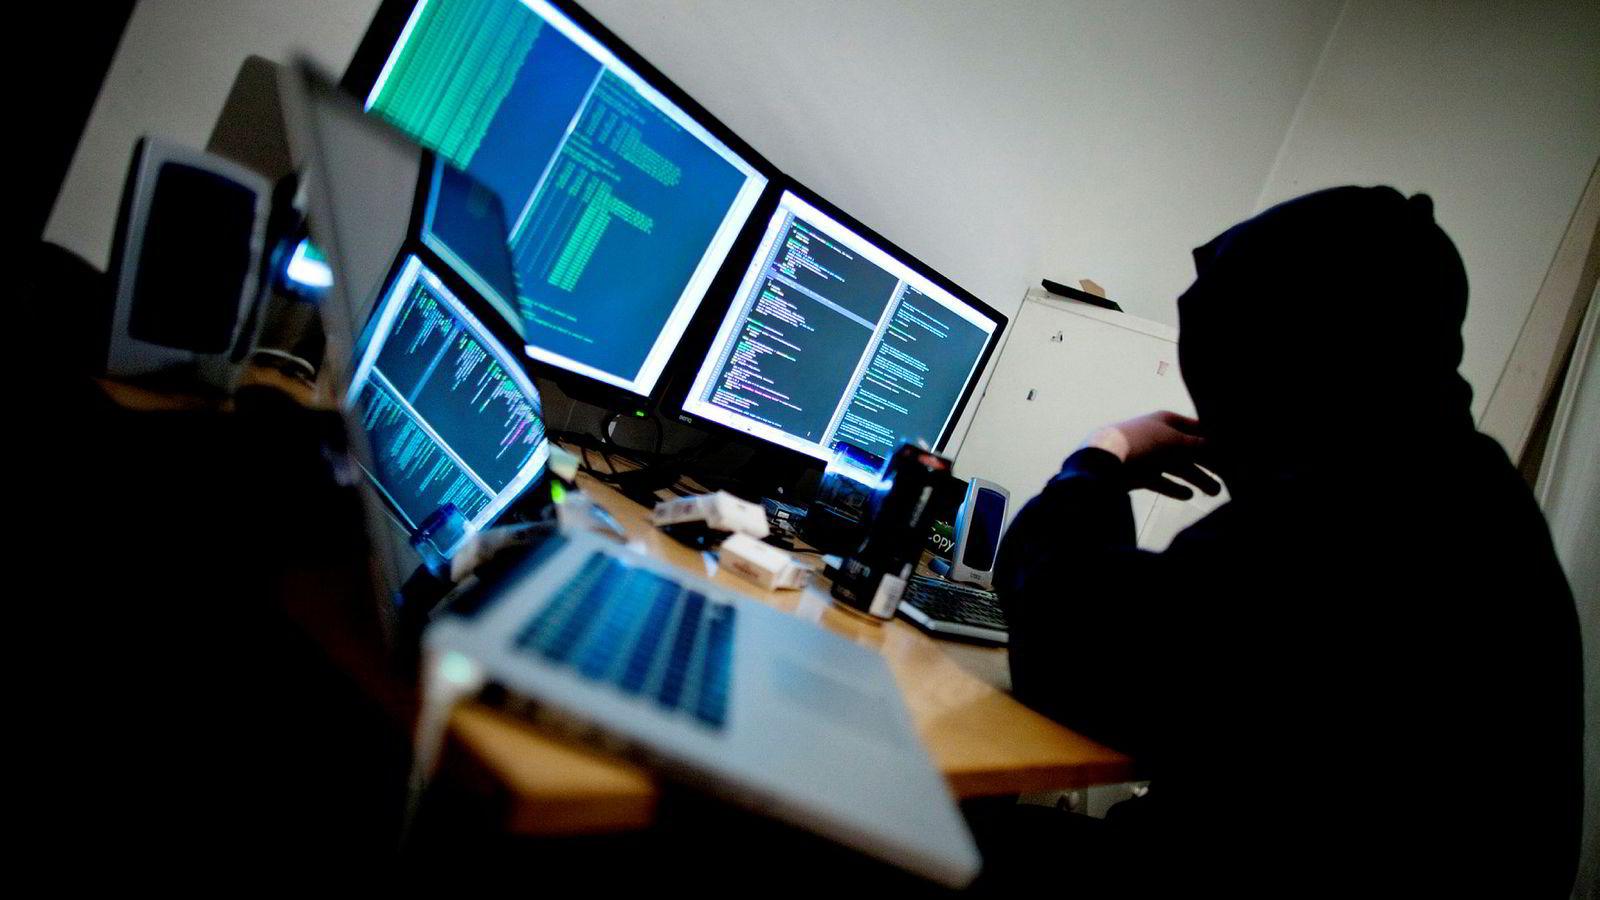 Det er flere angrep på samfunnskritisk infrastruktur, og en kraftig økning i «ransomware», eller ranervirus, som stenger brukerne ute fra tilgangen til data eller IKT-systemet inntil brukeren betaler løsepenger, skriver artikkelforfatterne.